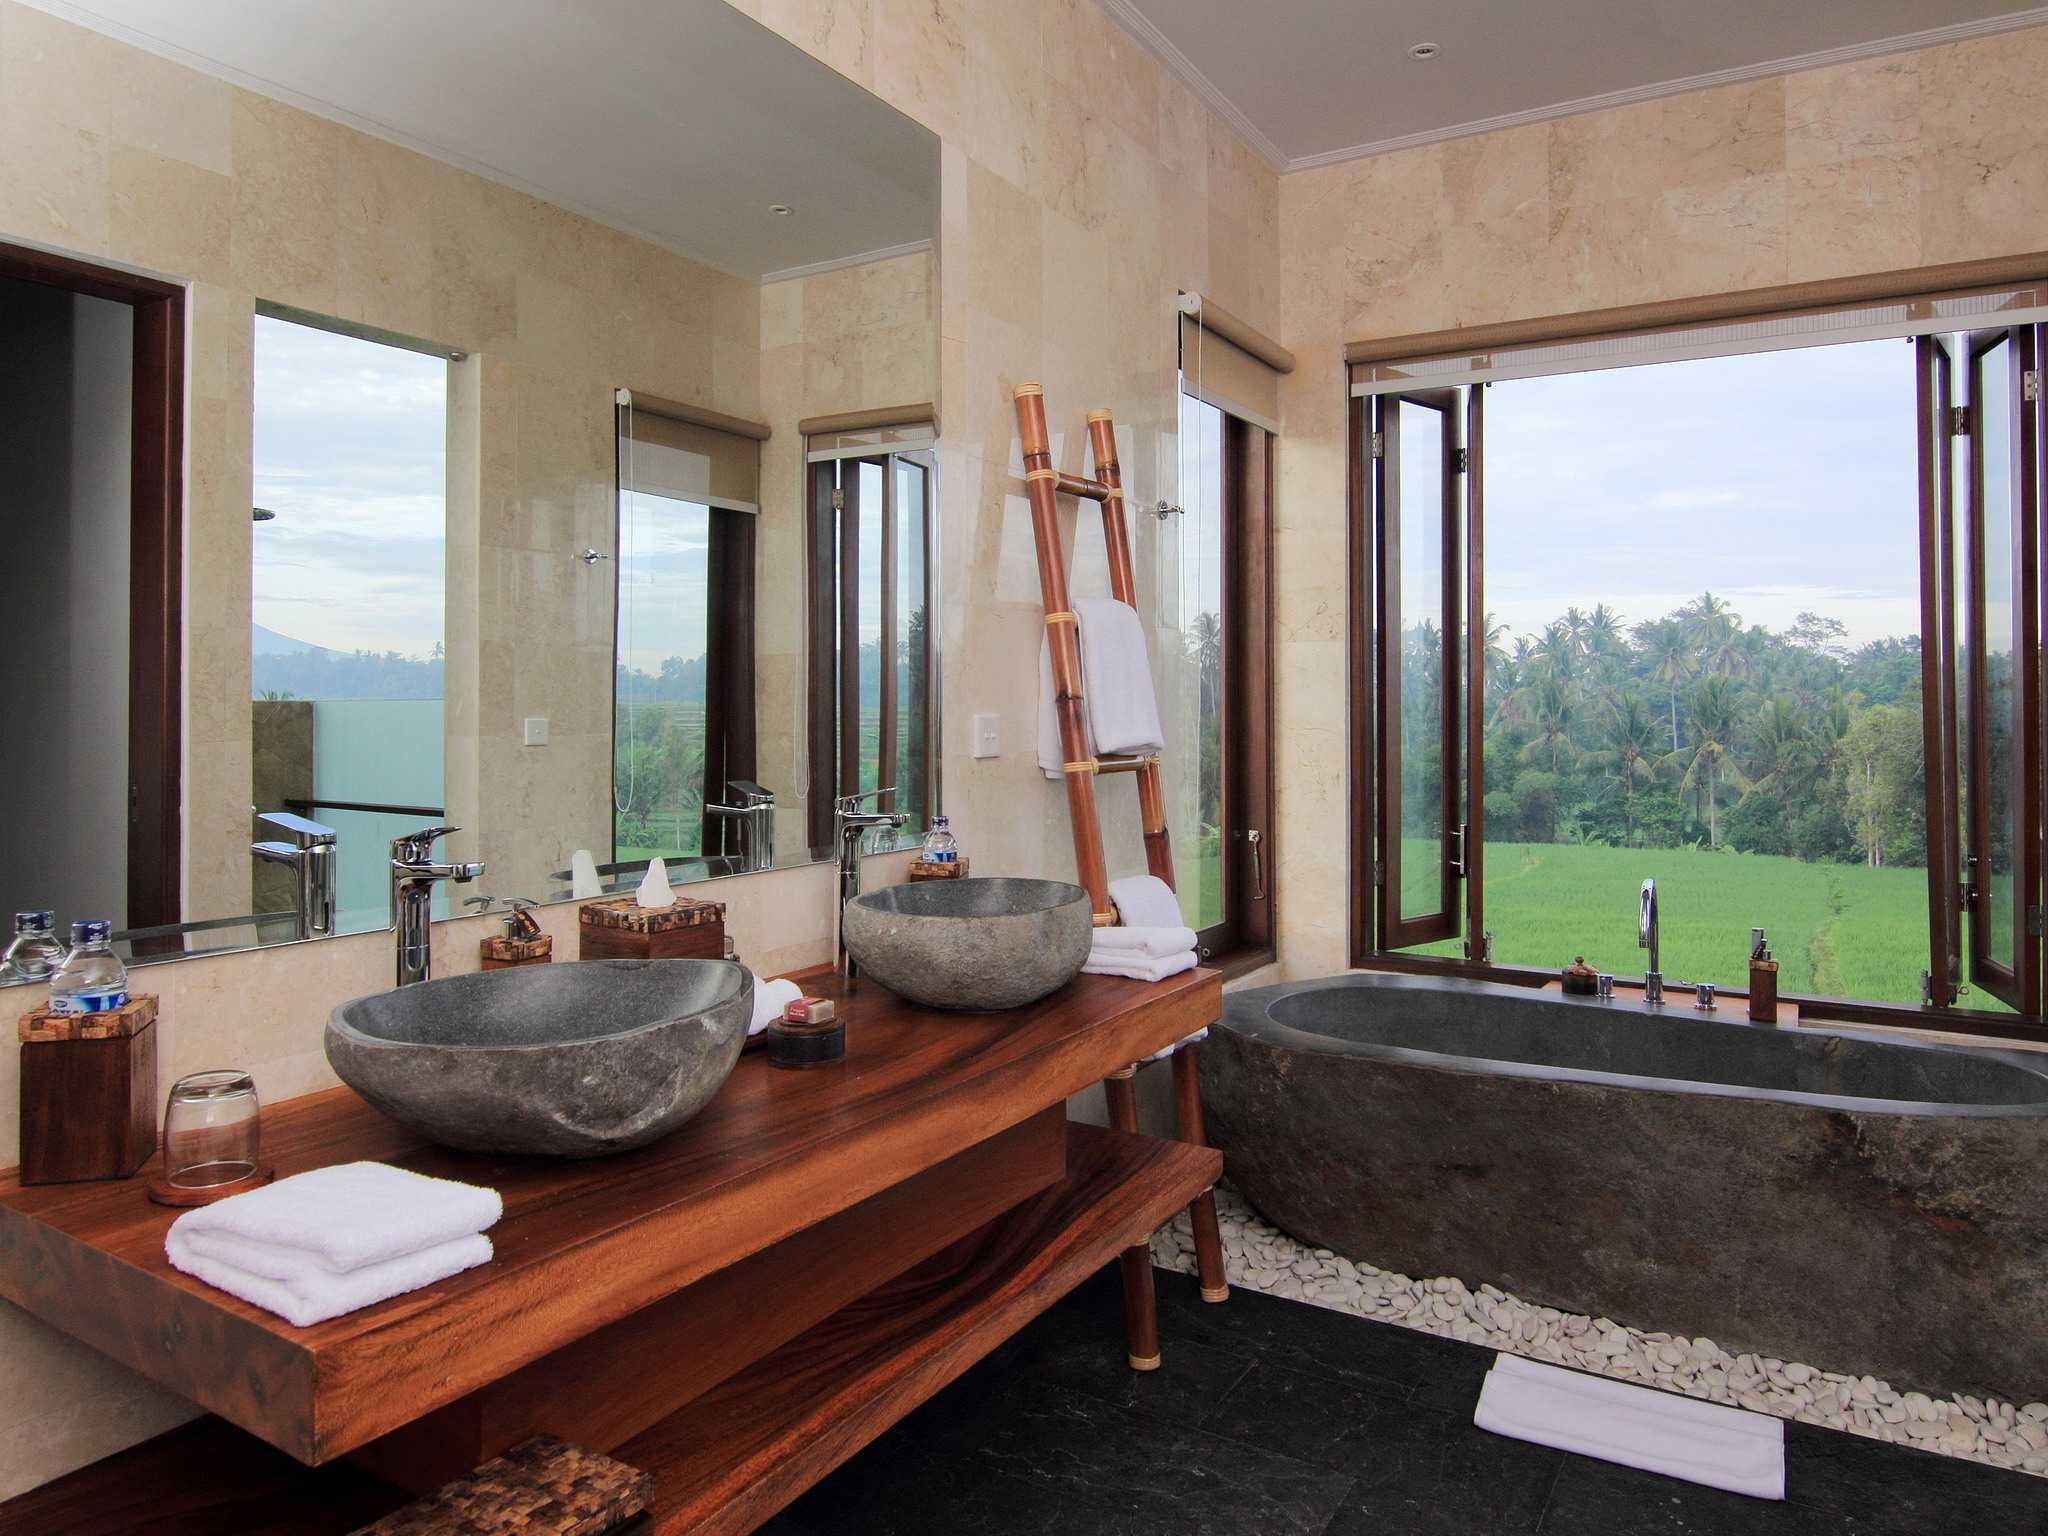 Made Dharmendra Architect Villa Umastana Ubud, Kabupaten Gianyar, Bali, Indonesia Ubud, Kabupaten Gianyar, Bali, Indonesia Bathroom View Tropis  49295